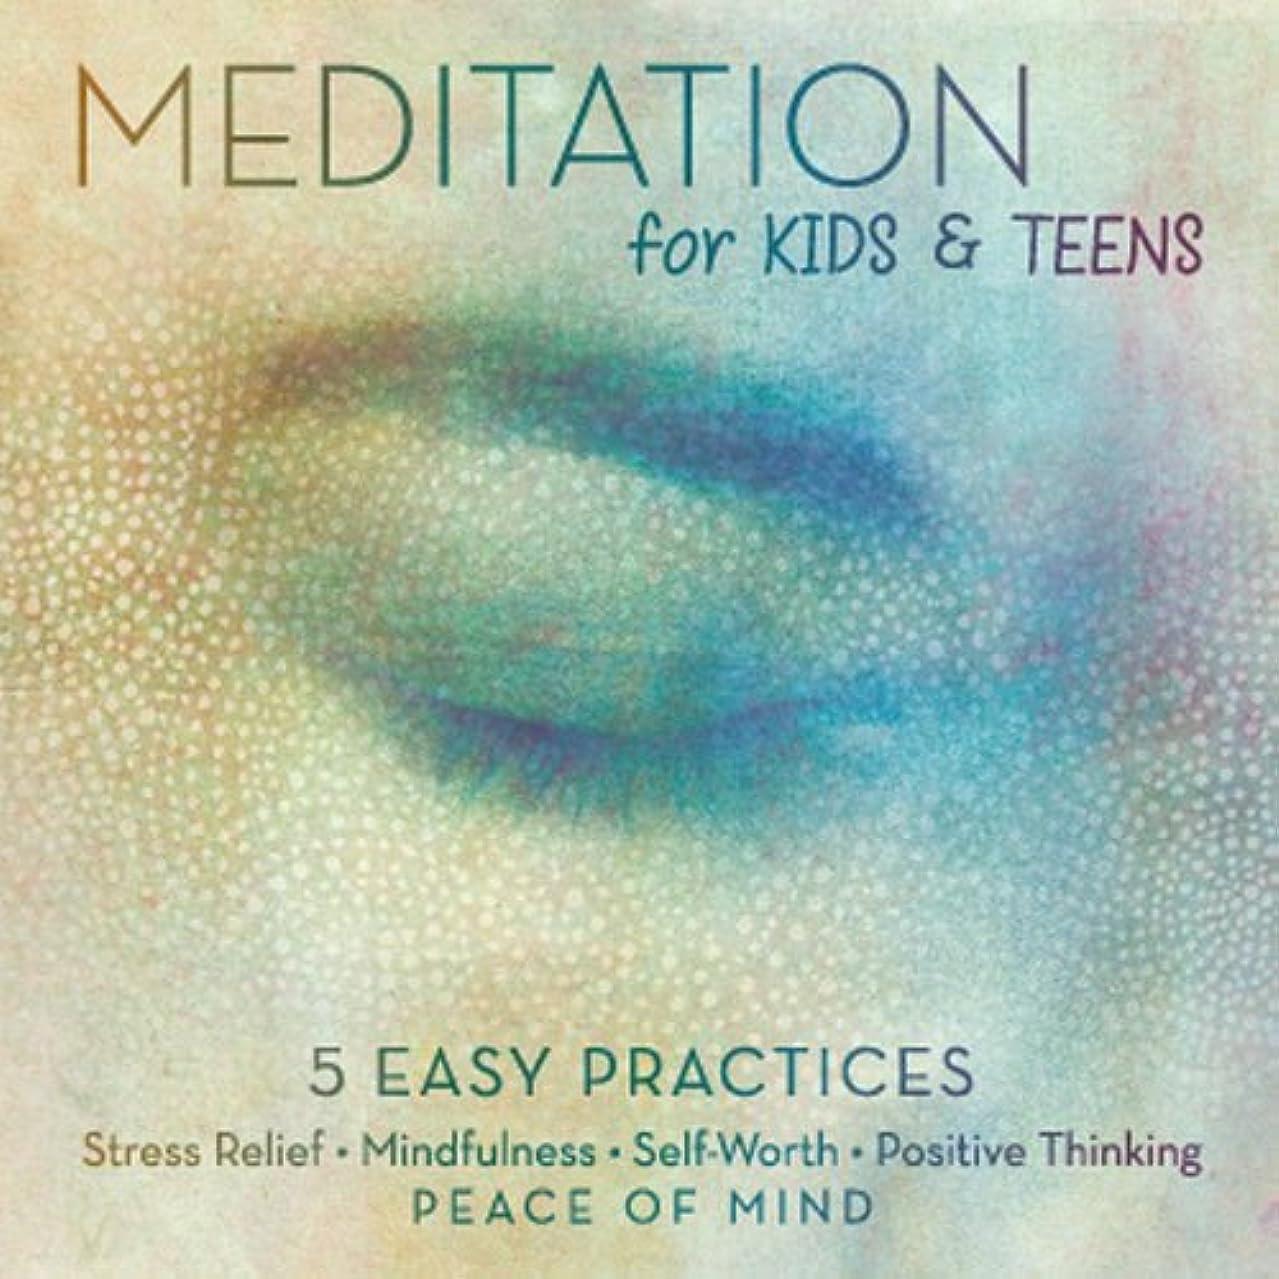 Meditation for Kids & Teens